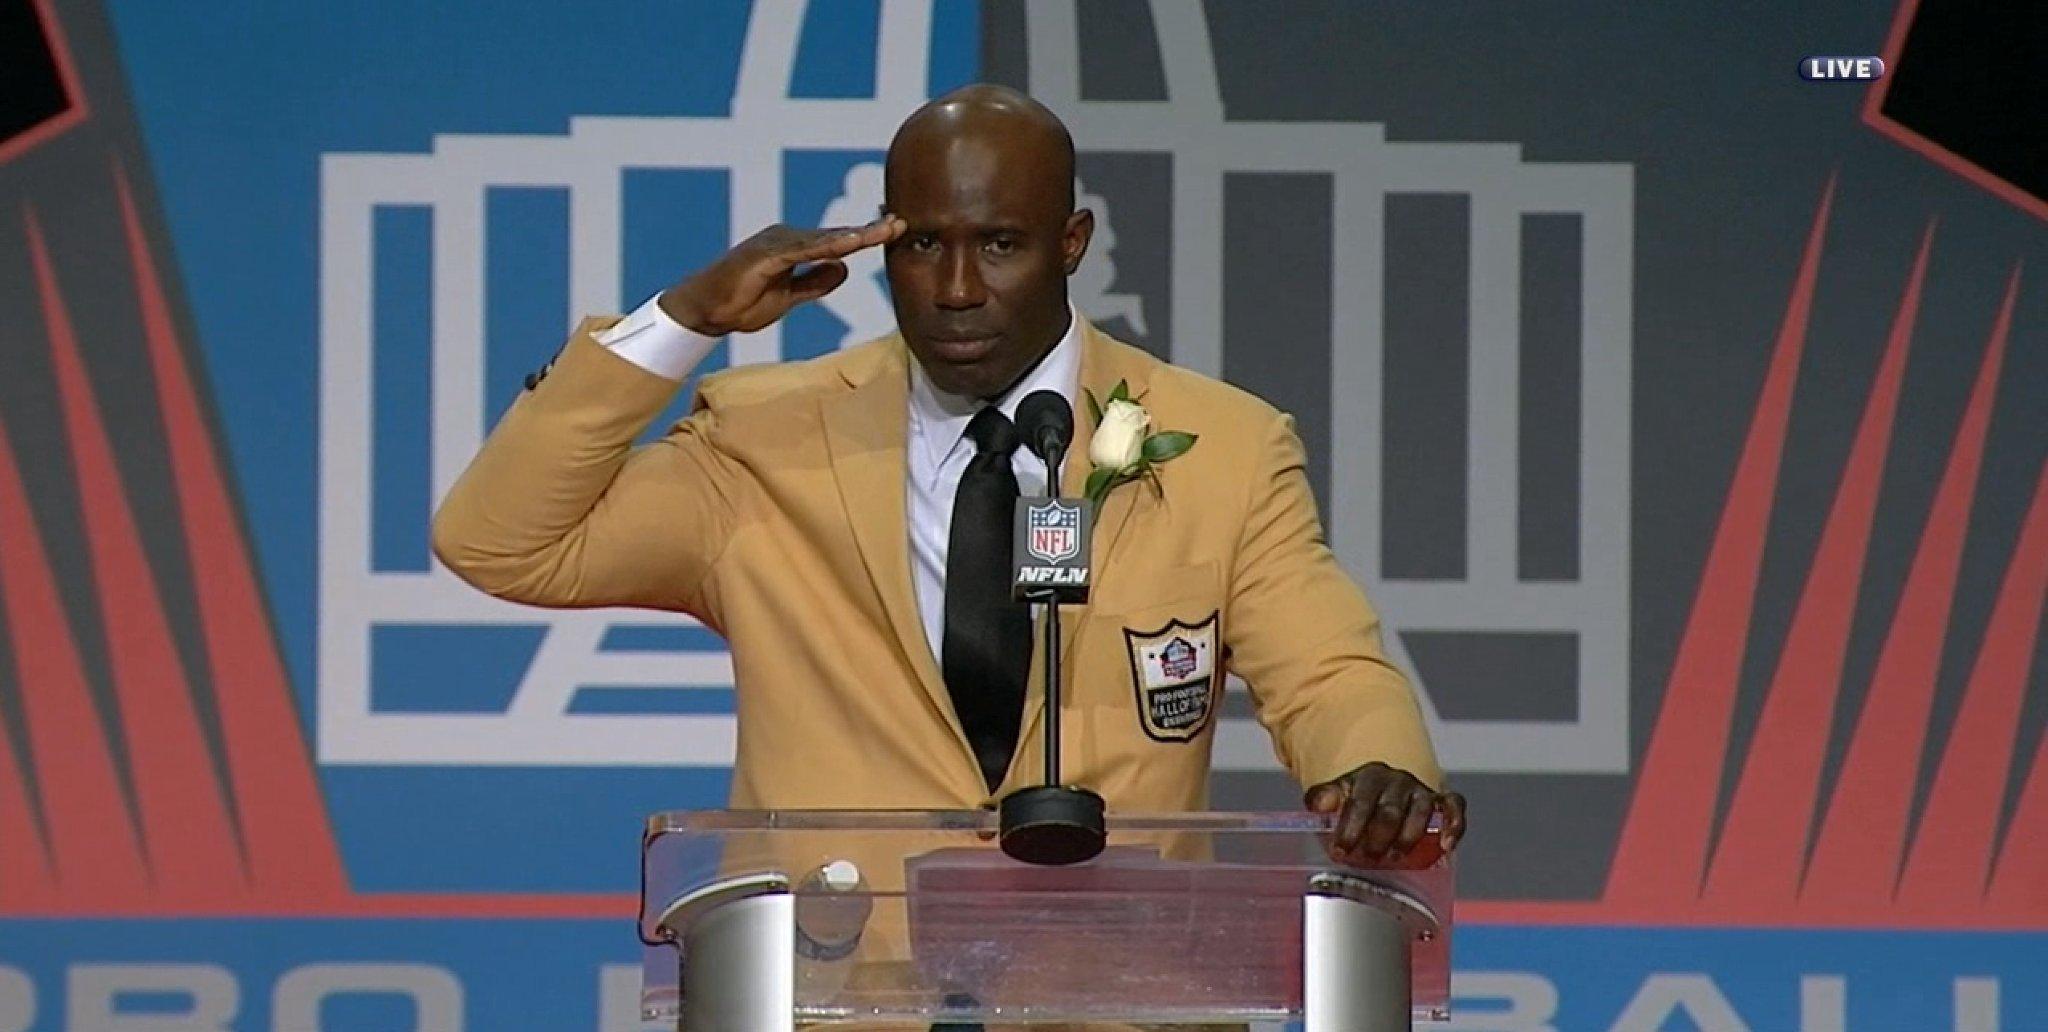 - Super Bowl XXXII MVP - 1998 NFL MVP - Hall of Fame  Memorable career for Terrell Davis. https://t.co/eeHZgCfK8J